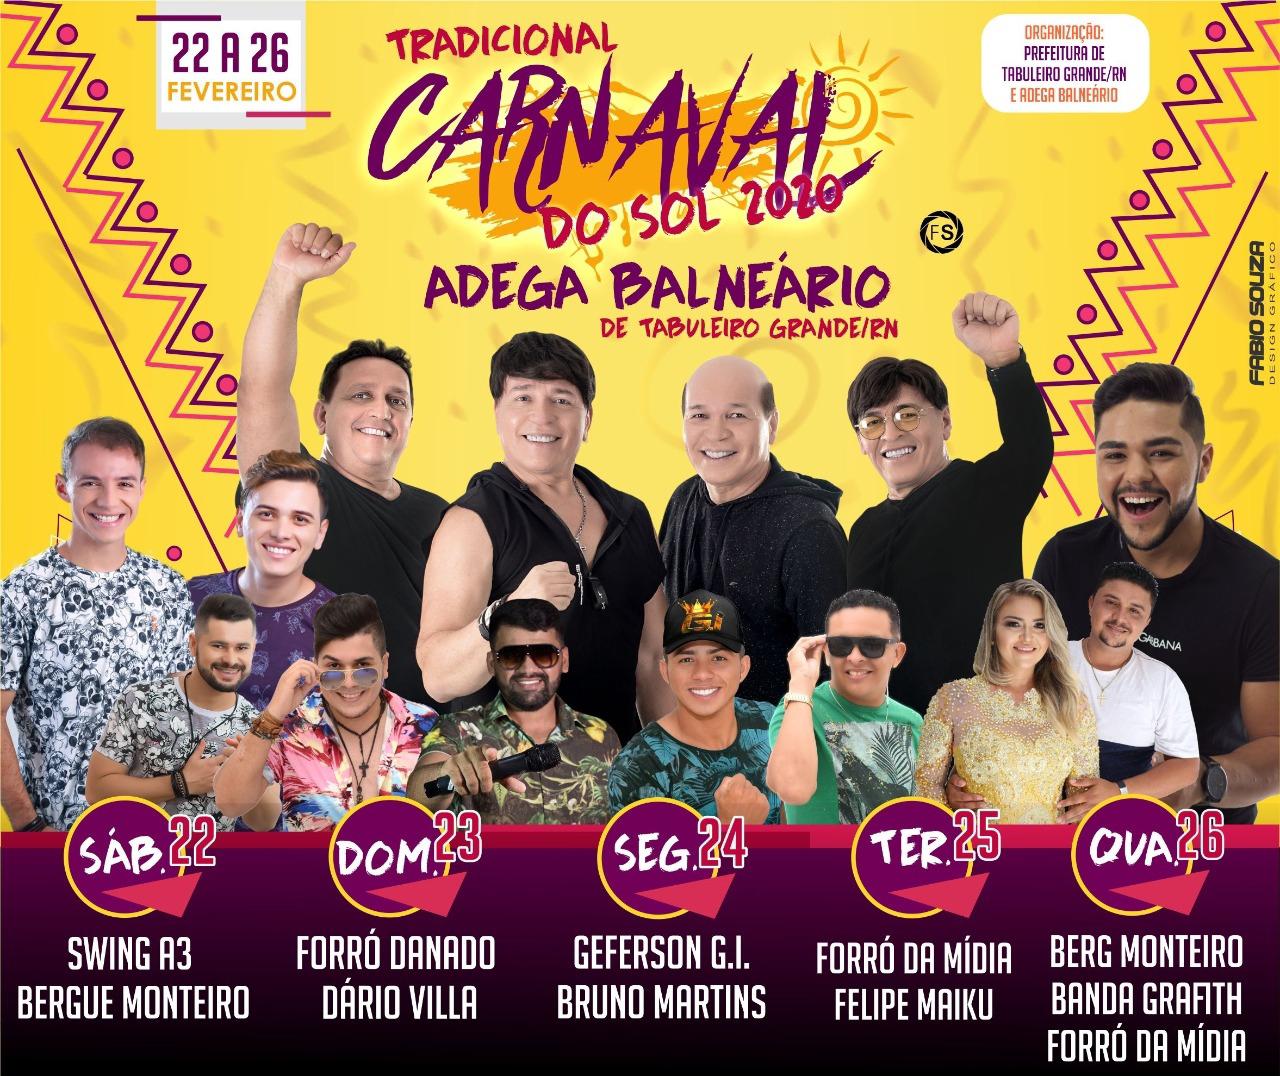 Começa sábado, dia 22 de fevereiro, o Carnaval do Sol em Taboleiro Grande/RN